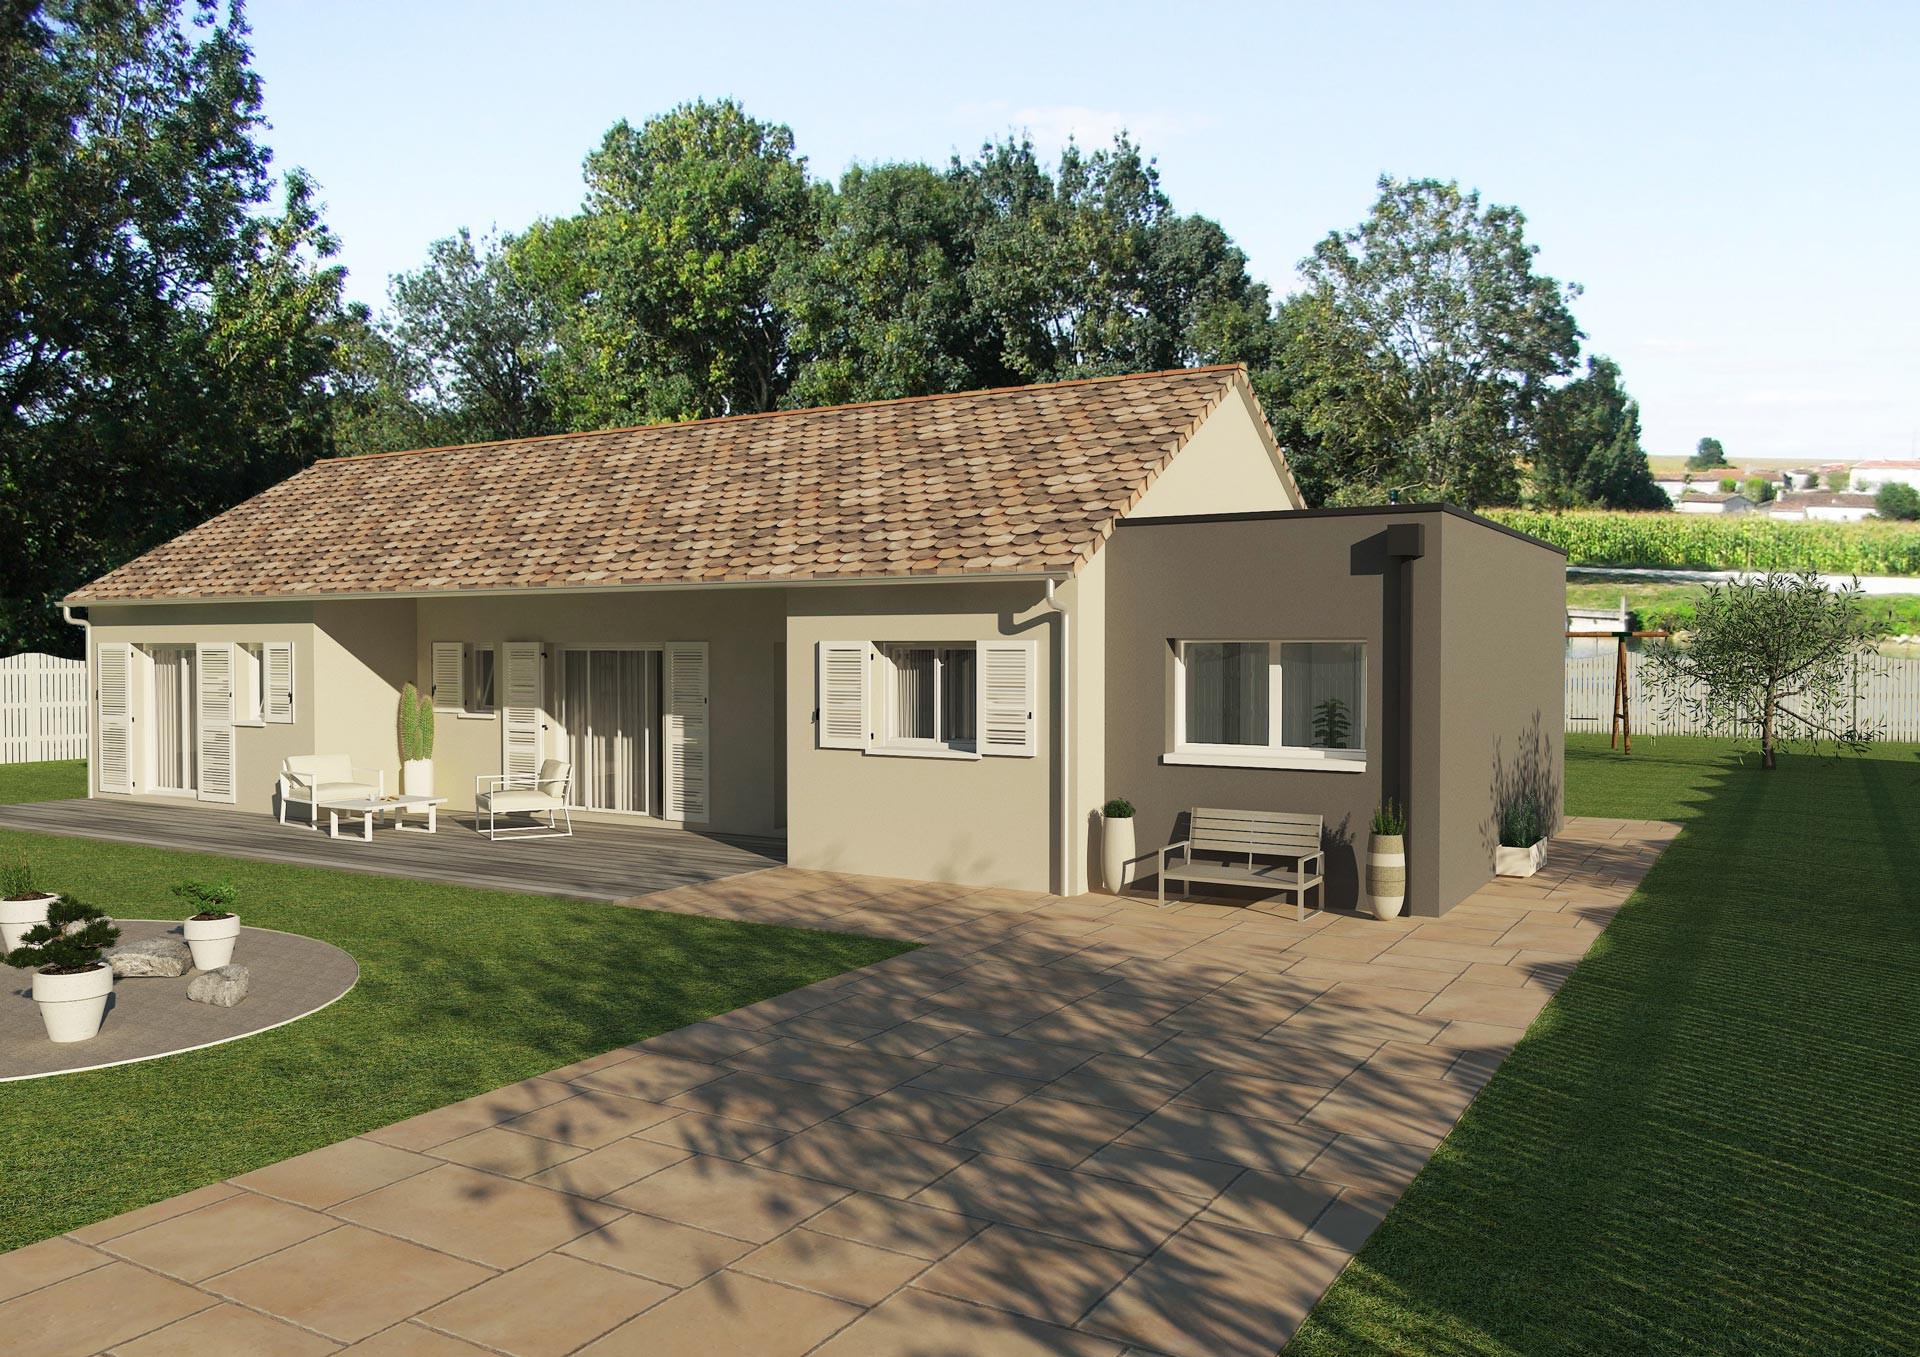 Prix Maison toit Plat Stunning Constructeur Maison Contemporaine toit Plat Avec